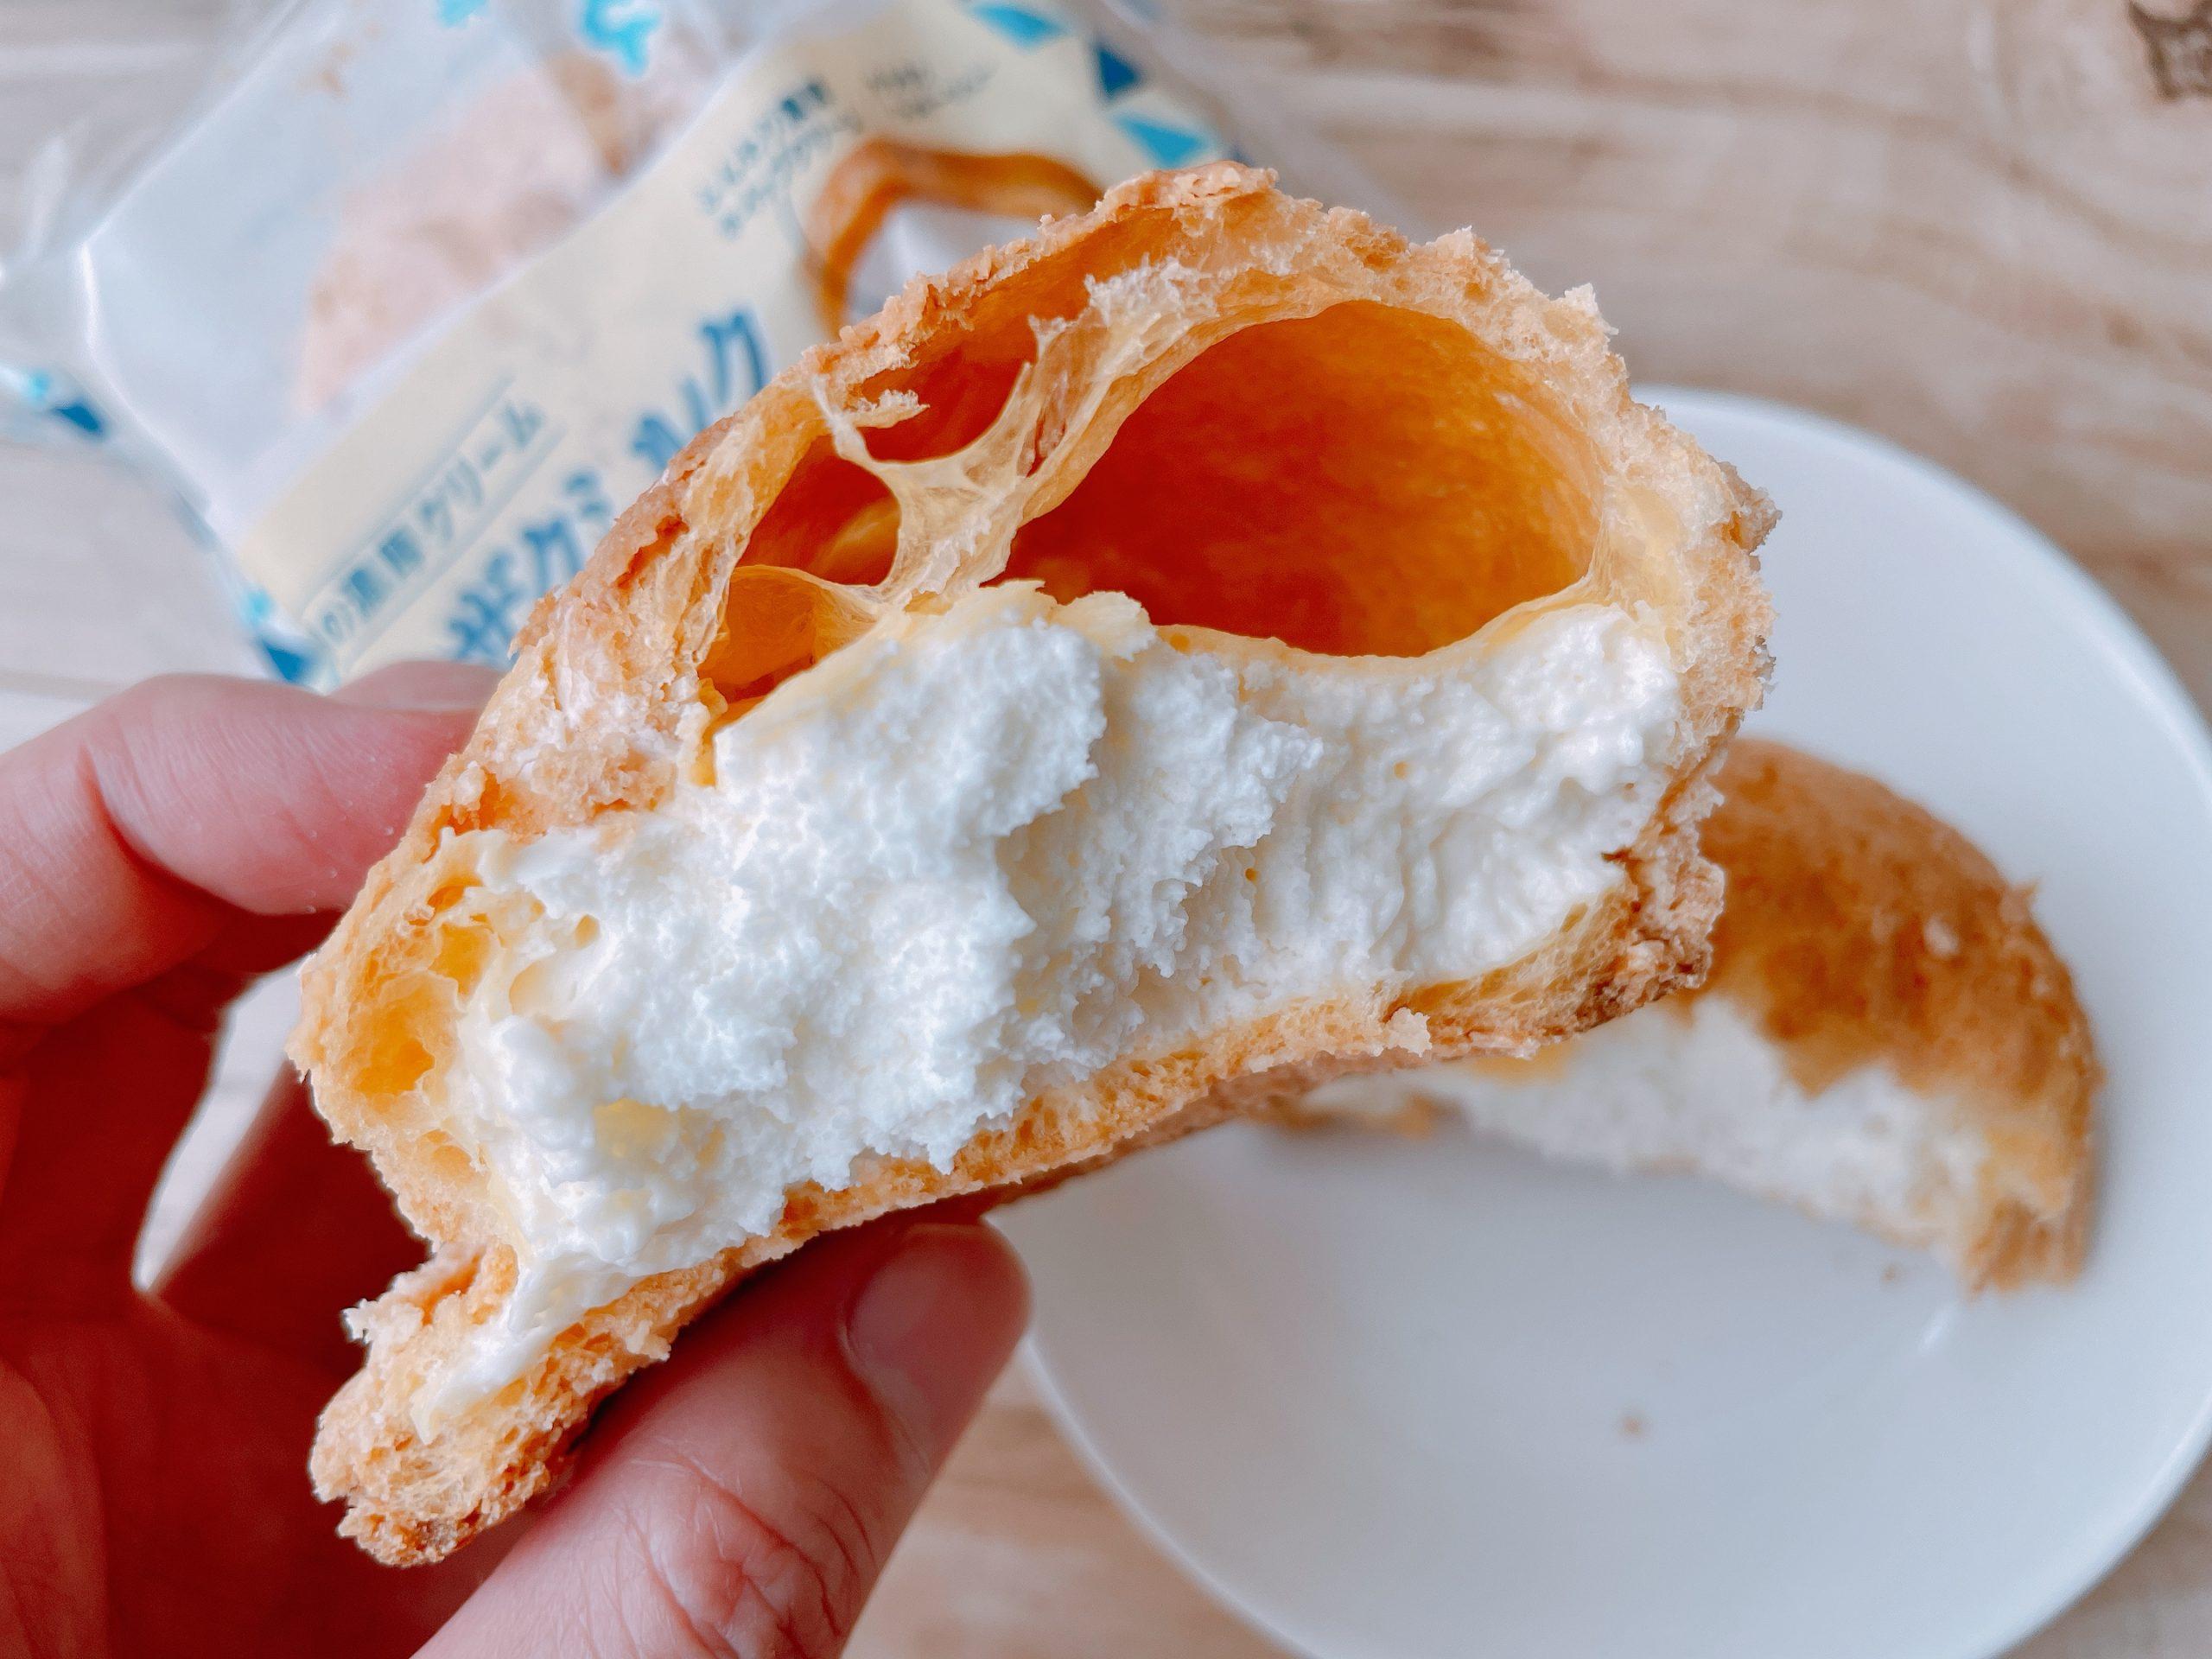 ザクザクミルククッキーシューは、甘さも申し分なく、クッキーの甘い香りと、ちょっとした香ばしさ、それにミルクの香りがいい